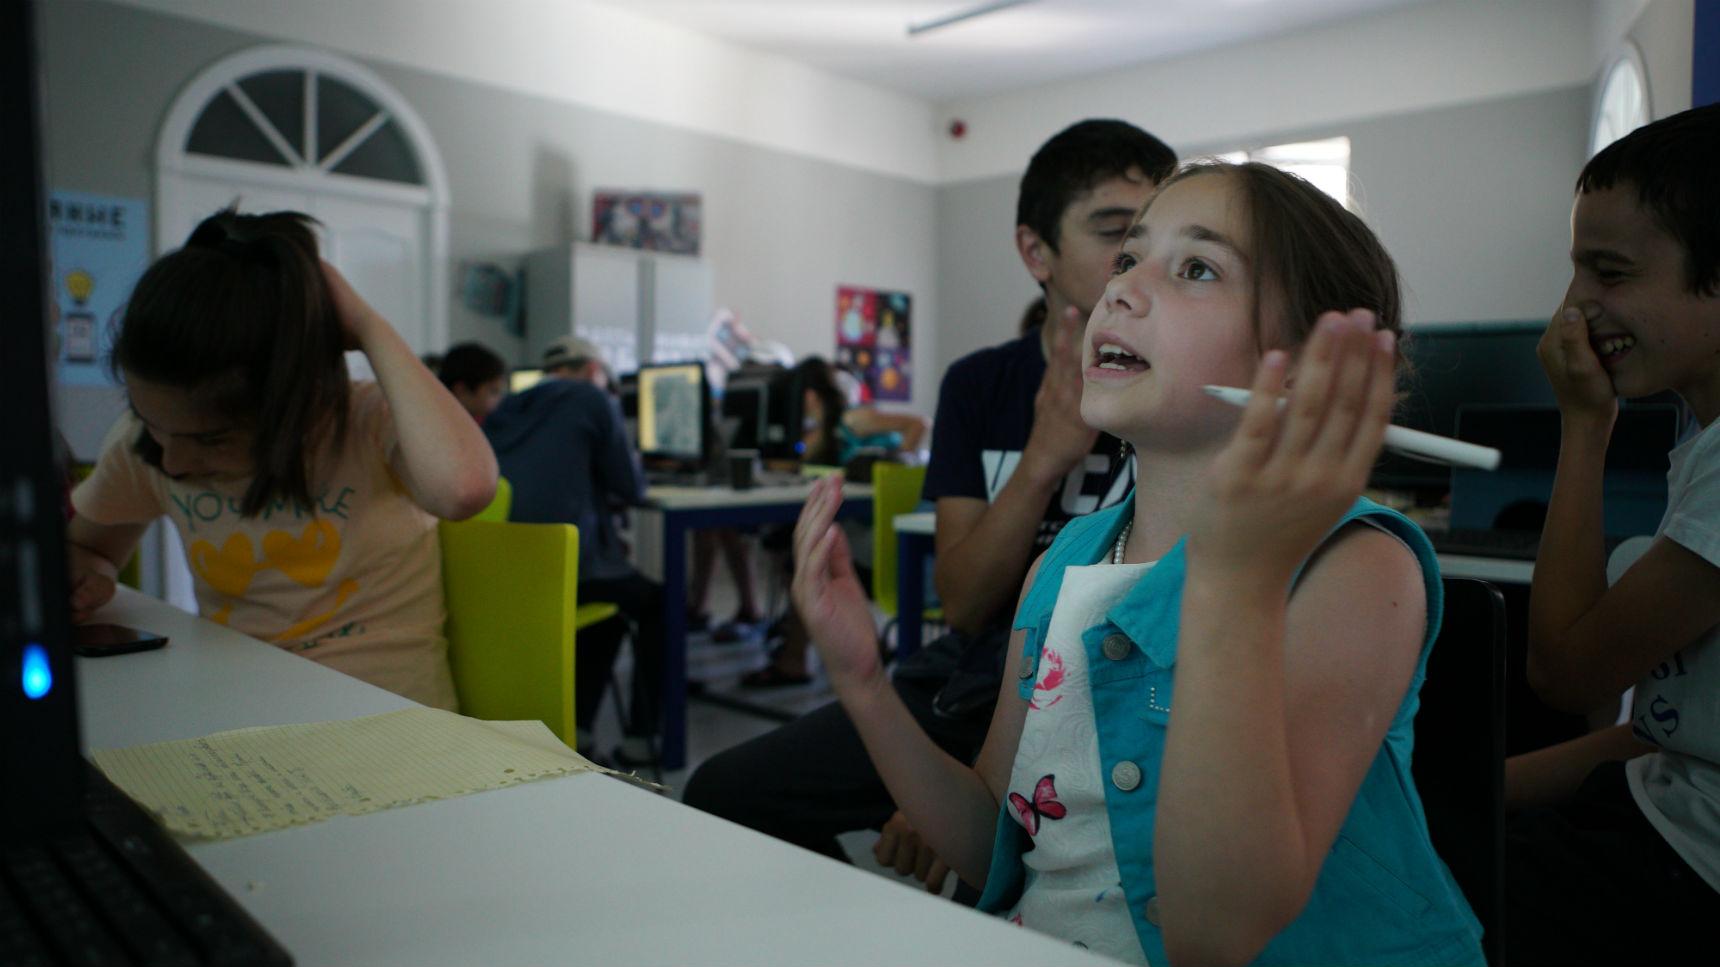 Могут ли дети в селах стать программистами, если рядом учат только на железнодорожников. Разговор с «Кружком» - 8